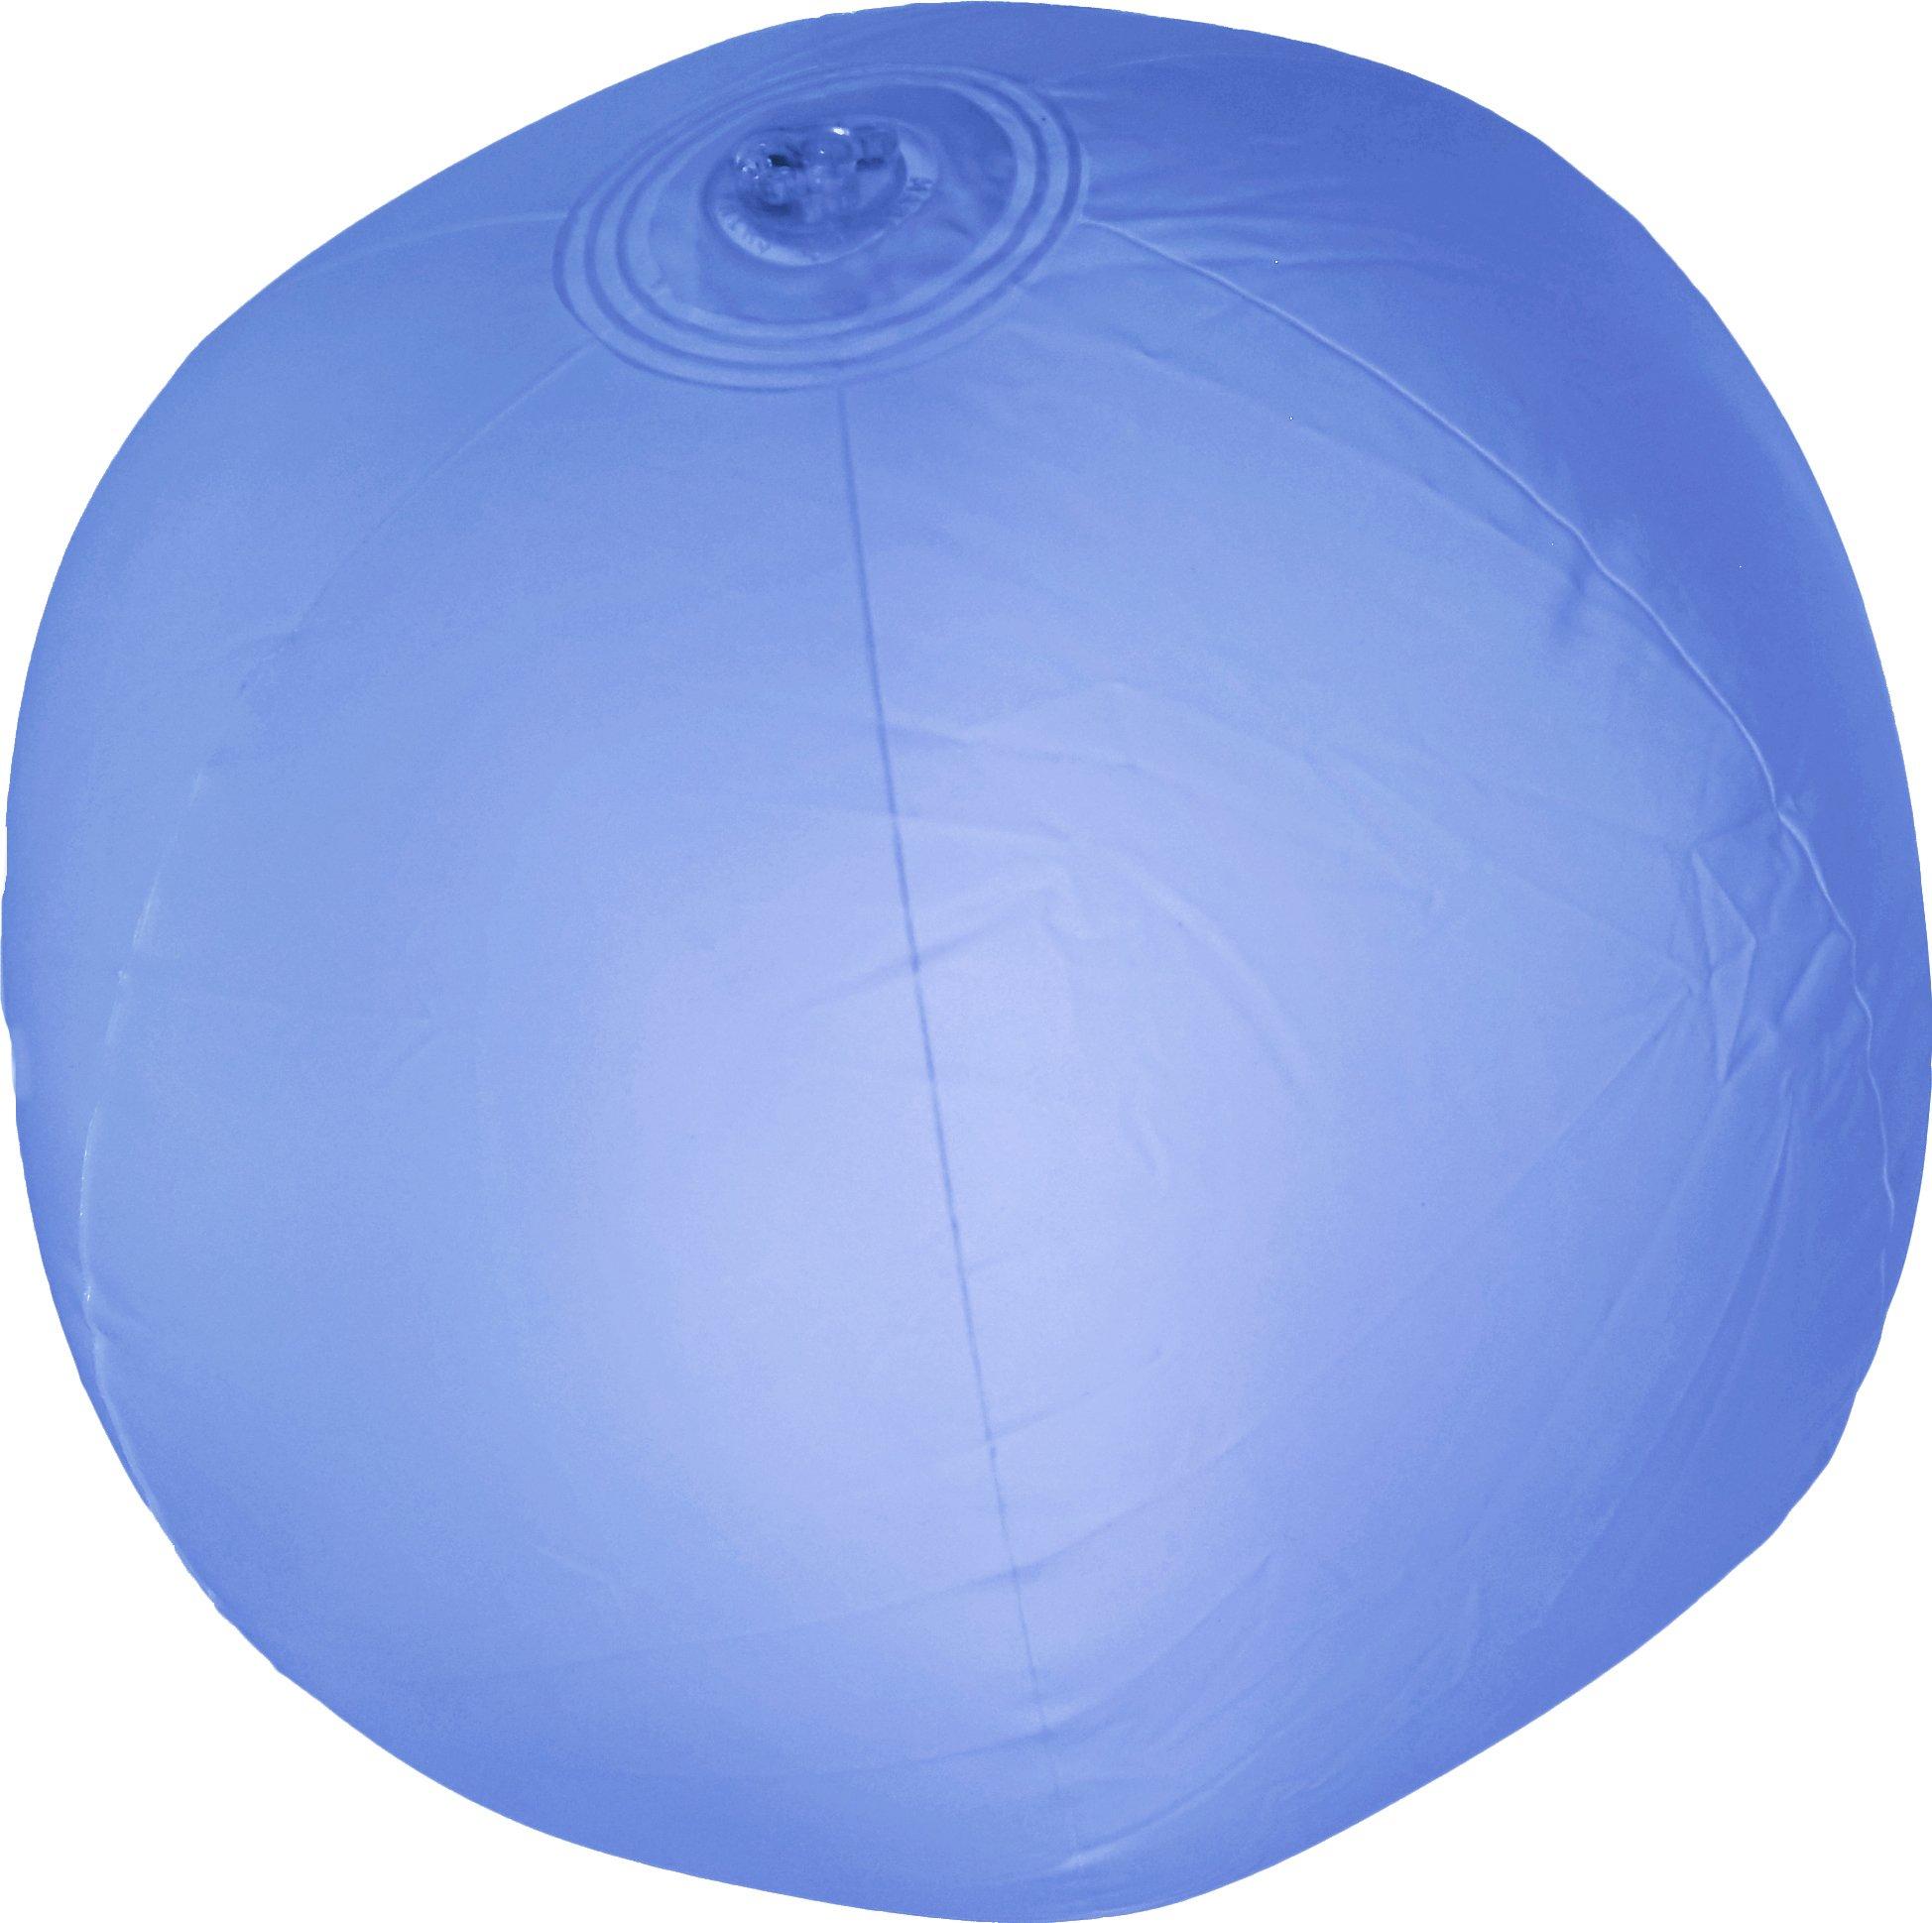 Fun Central AK046 Glow in the Dark Beach Ball- Blue